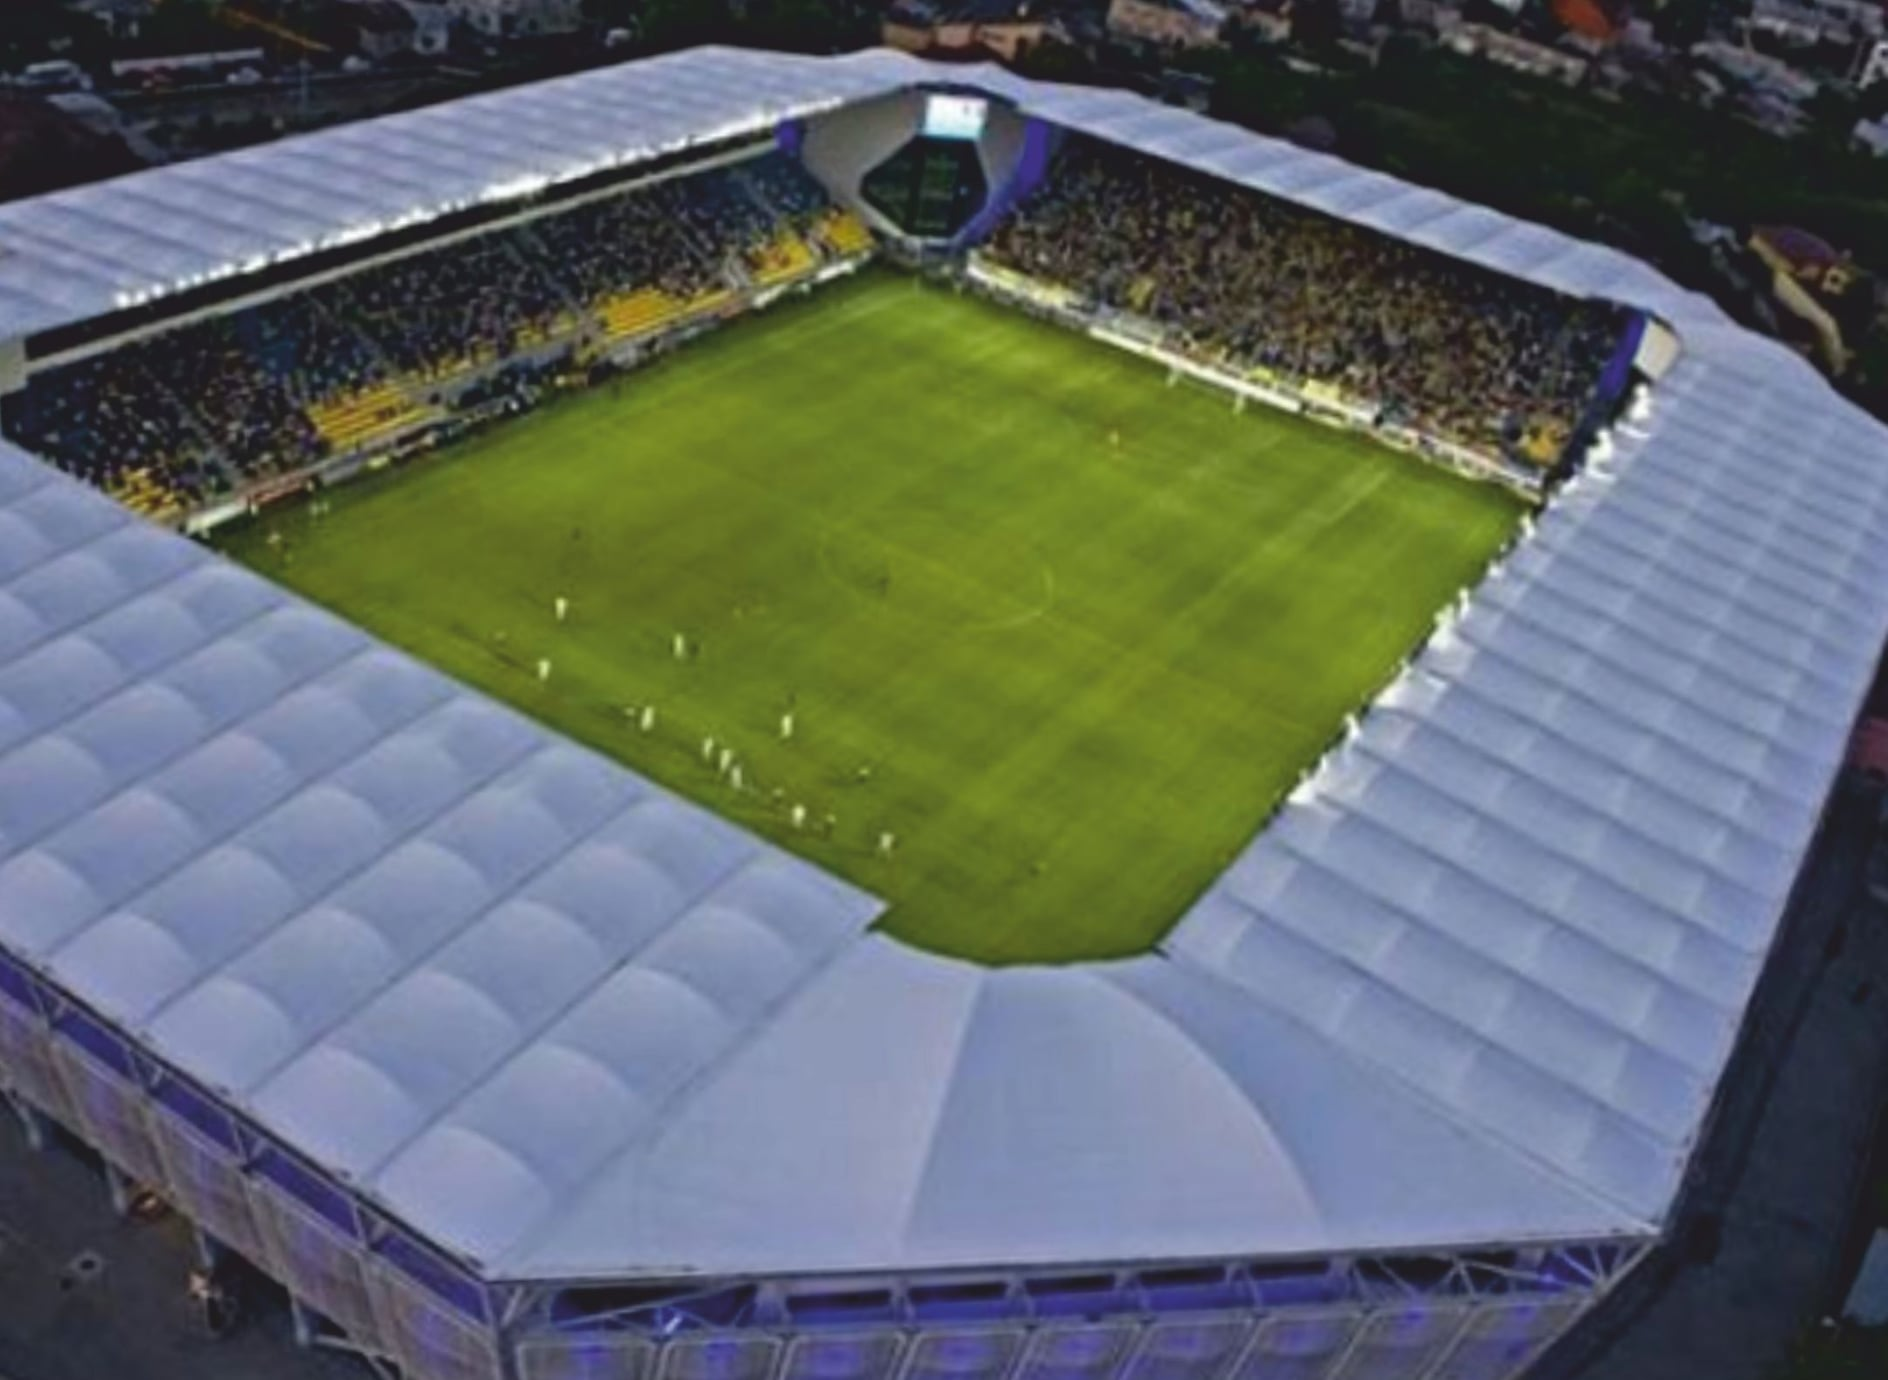 Un complex sportiv, incluzând un stadion nou, va fi construit în municipiul Hunedoara